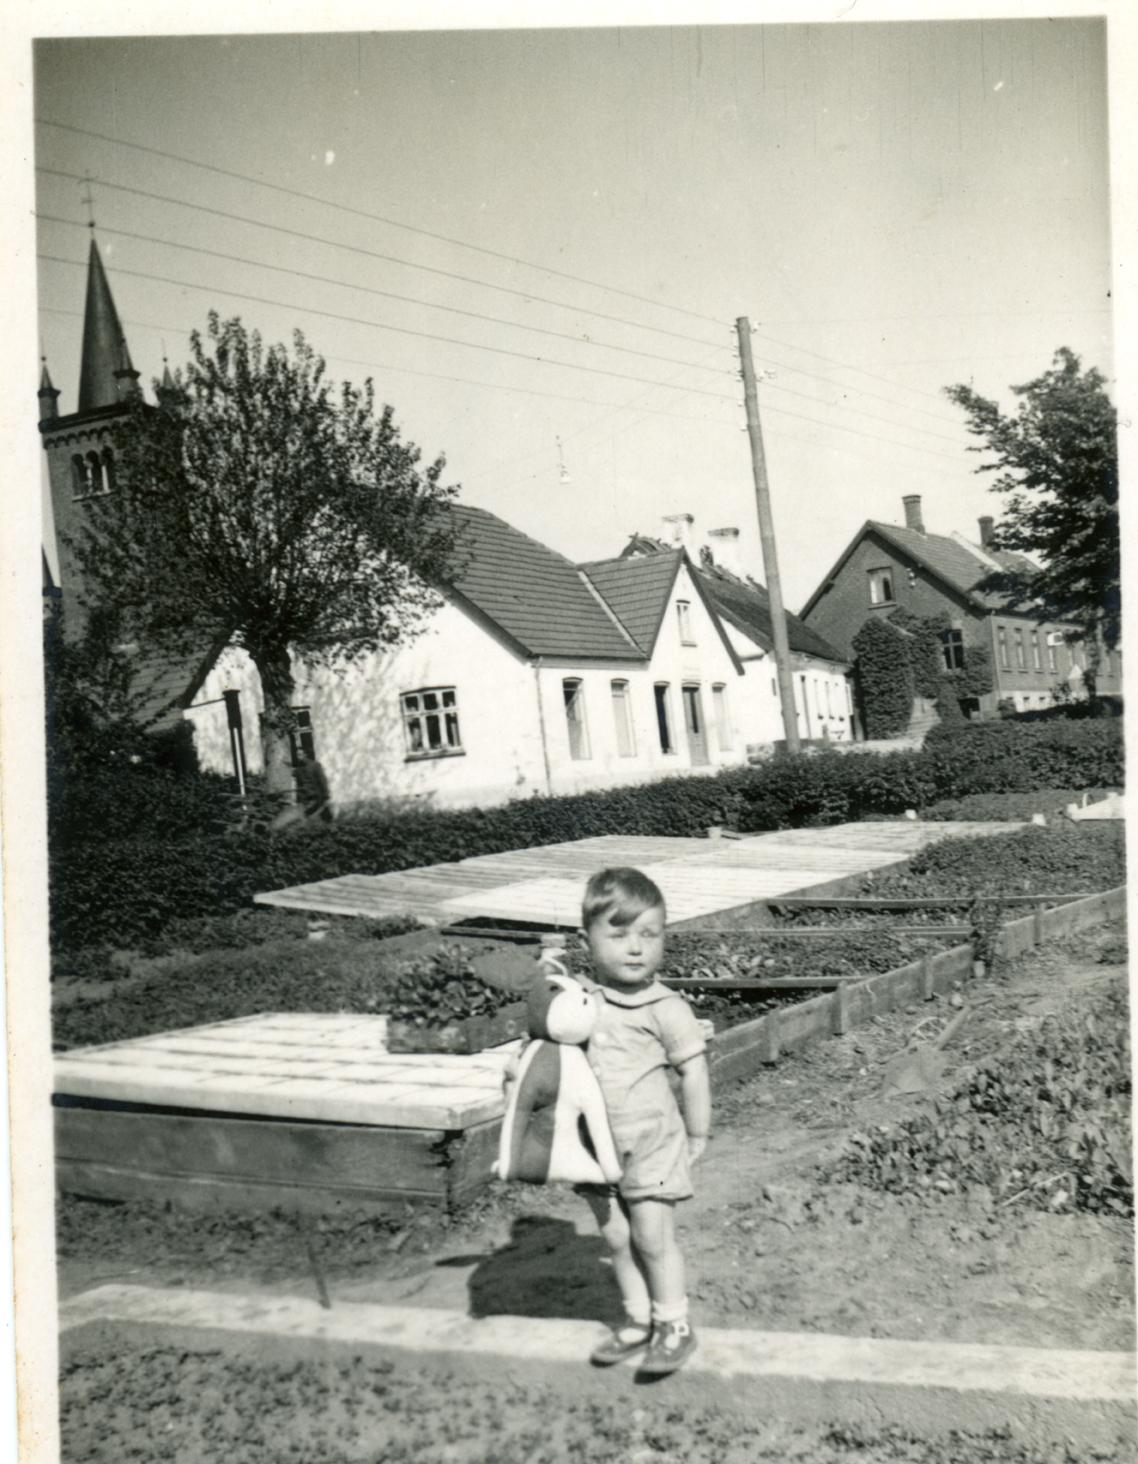 Billede 10 Østrupvej set fra Gartneriet i nr. 116 - hvem er drengen?